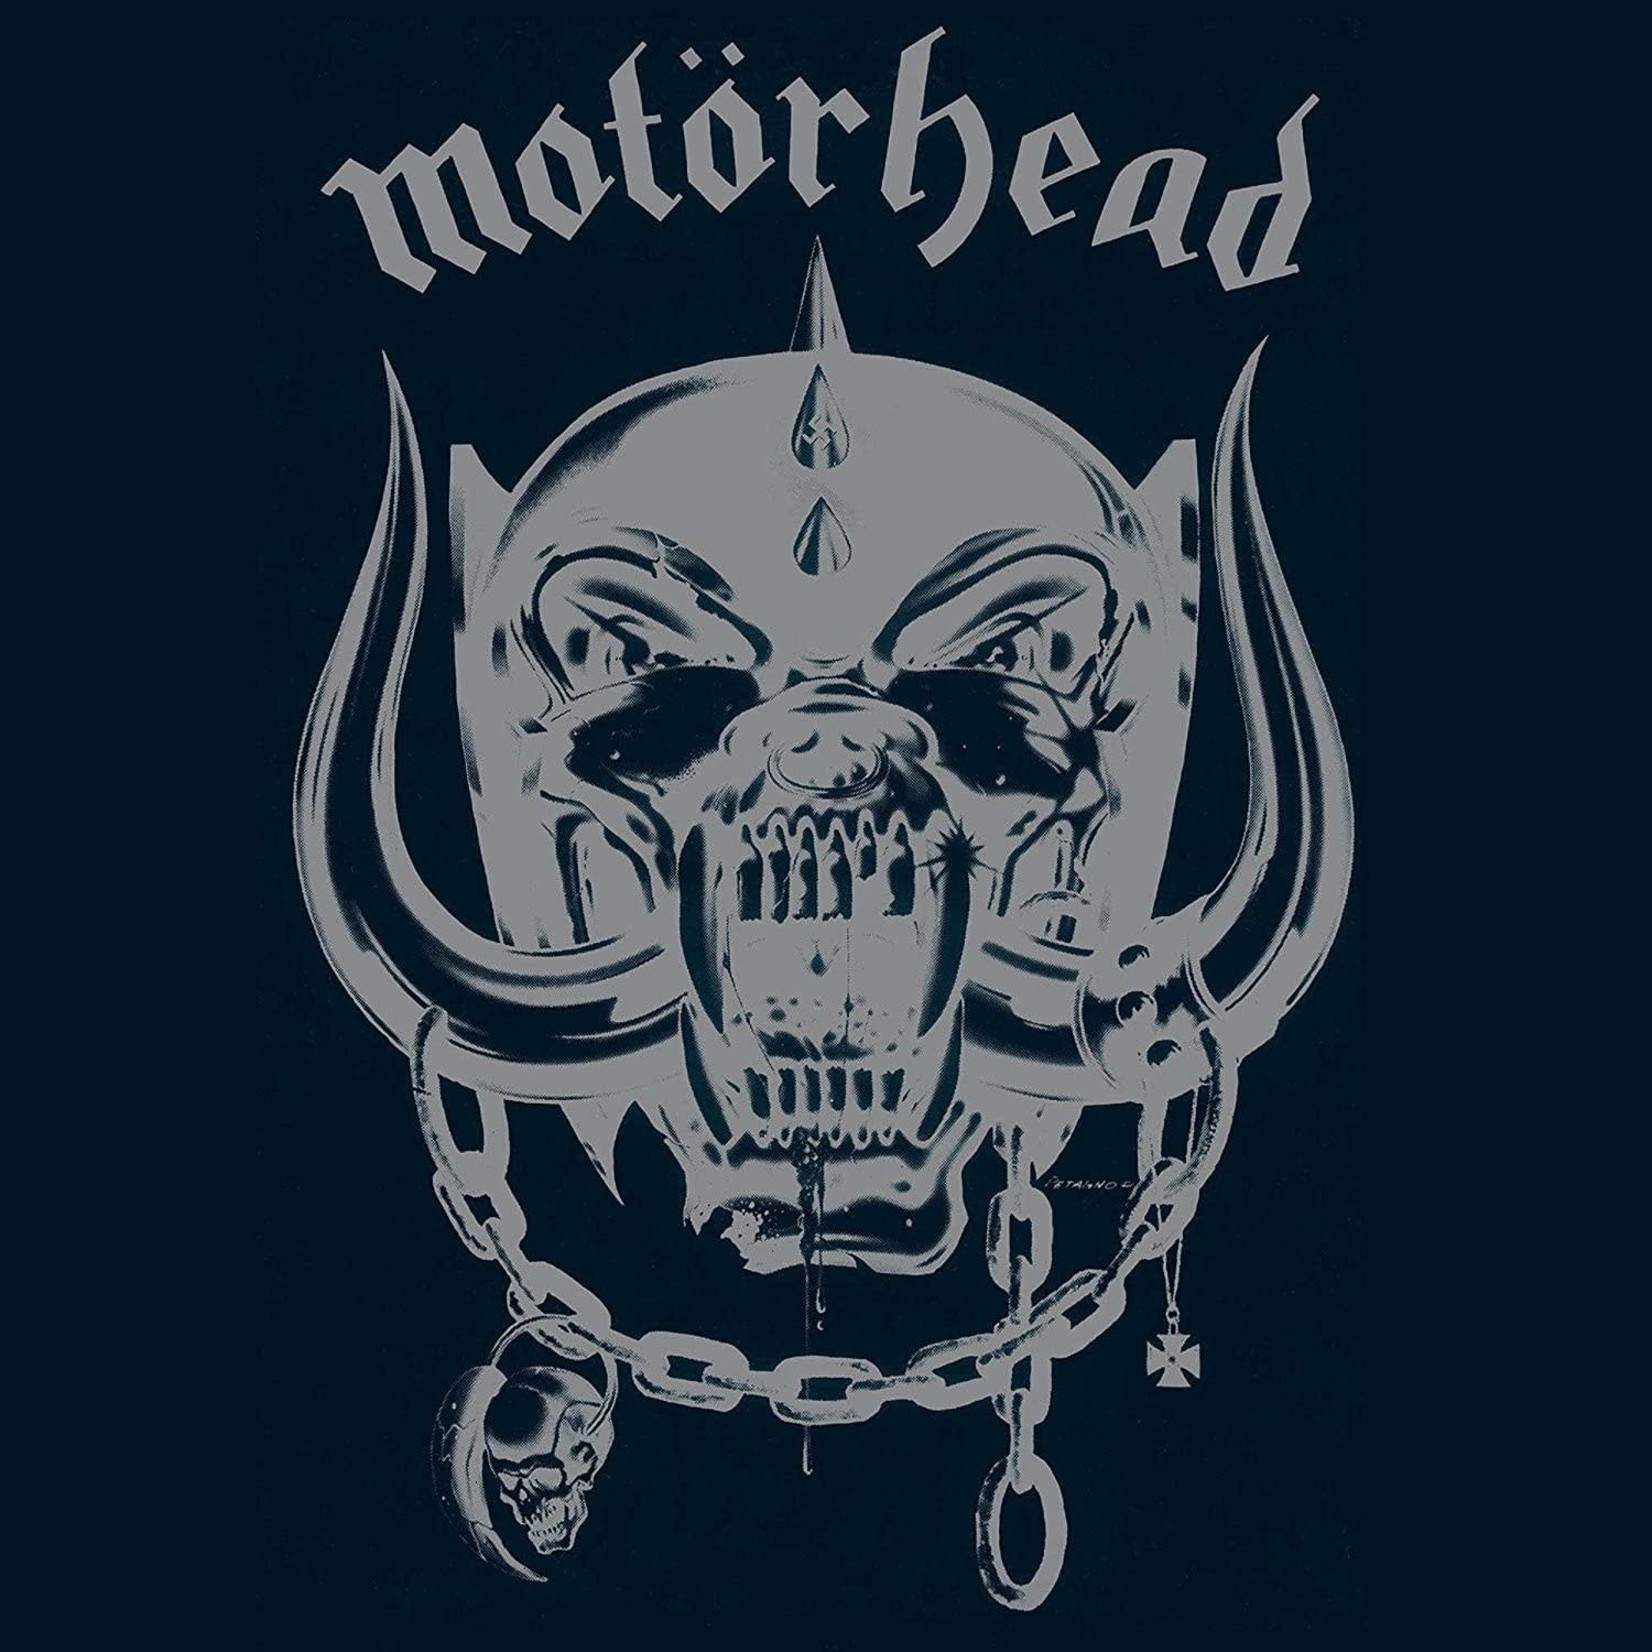 Motorhead Motorhead - Motorhead (40th Anniversary)